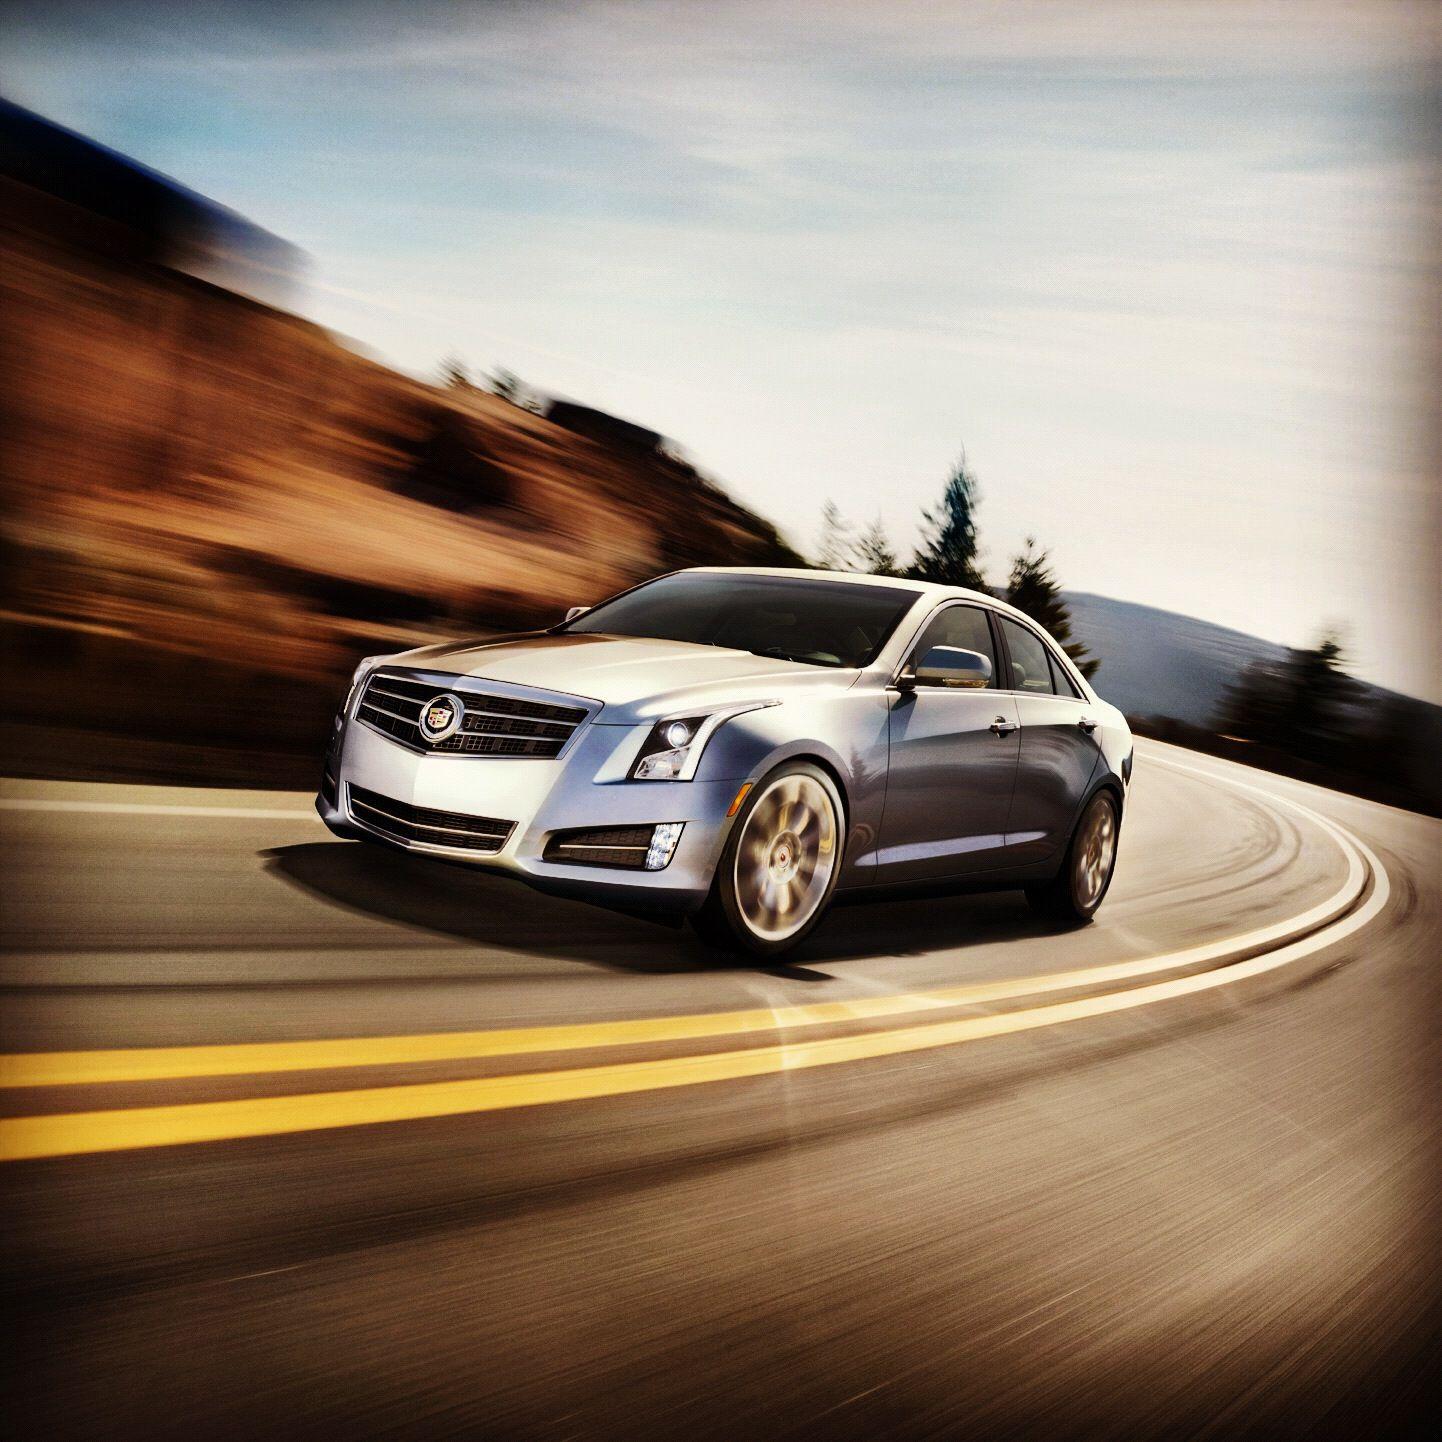 Custom Cadillac Ats: The All-new #Cadillac #ATS